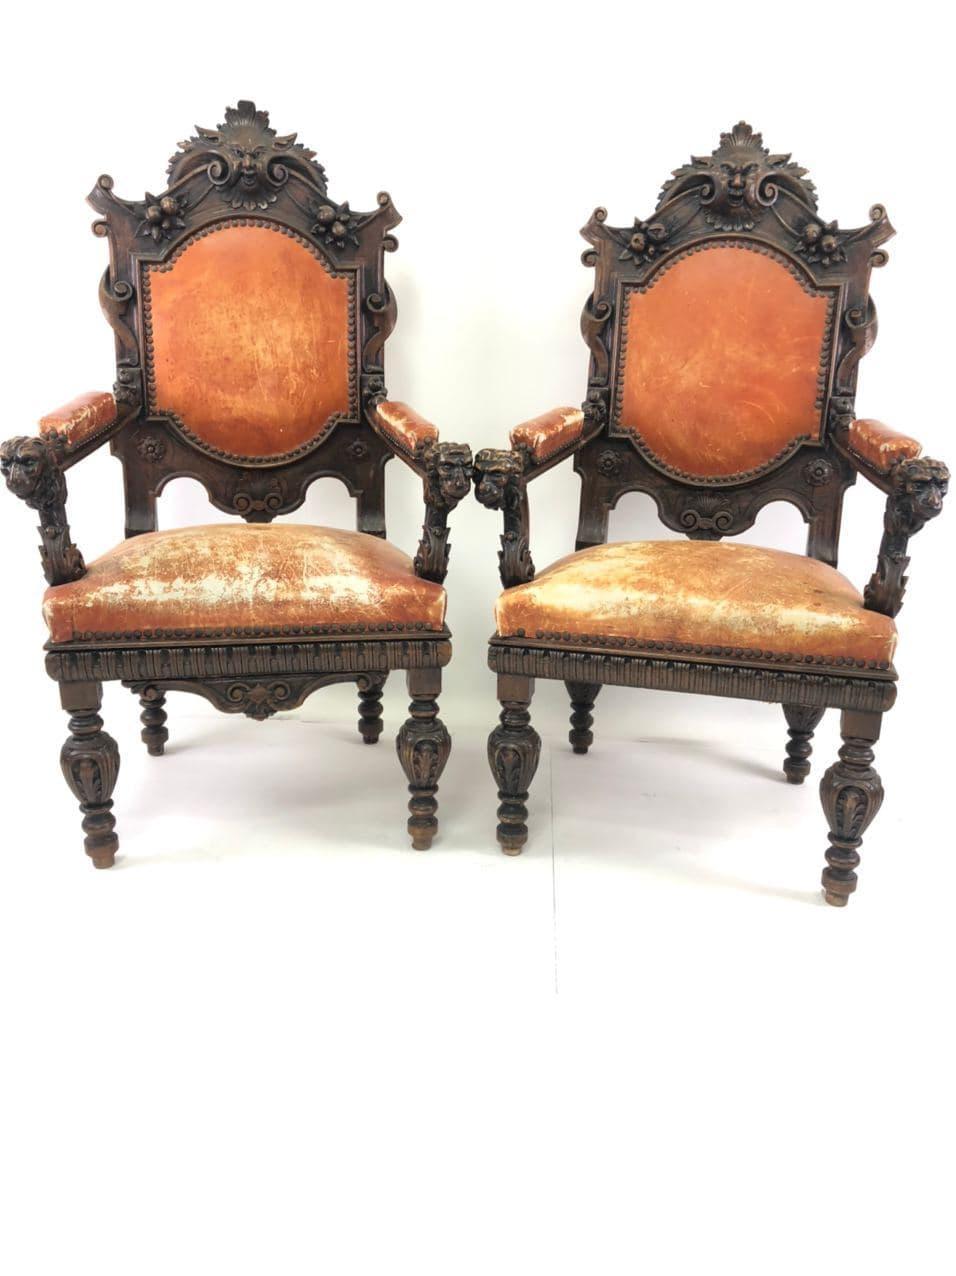 Антикварные кресла в стиле Ренессанс